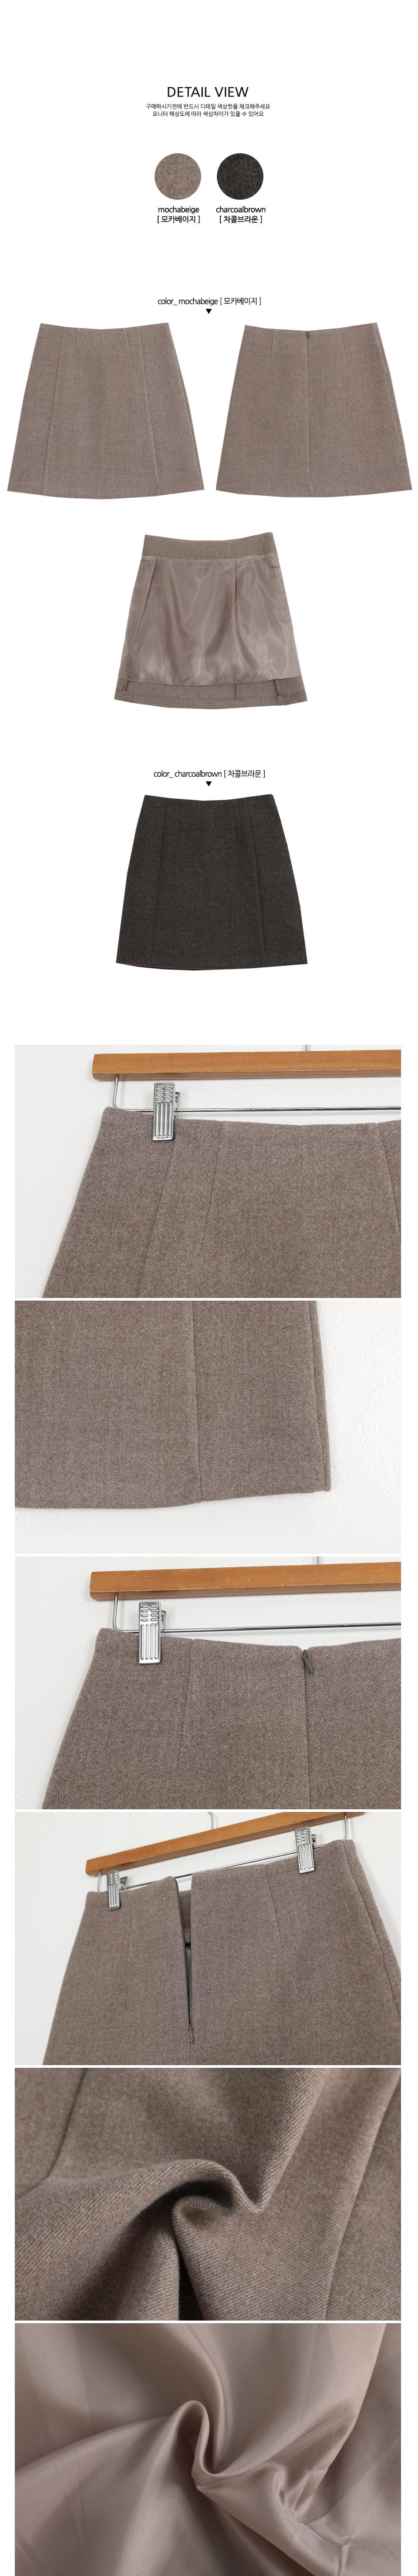 Twill high mini skirt